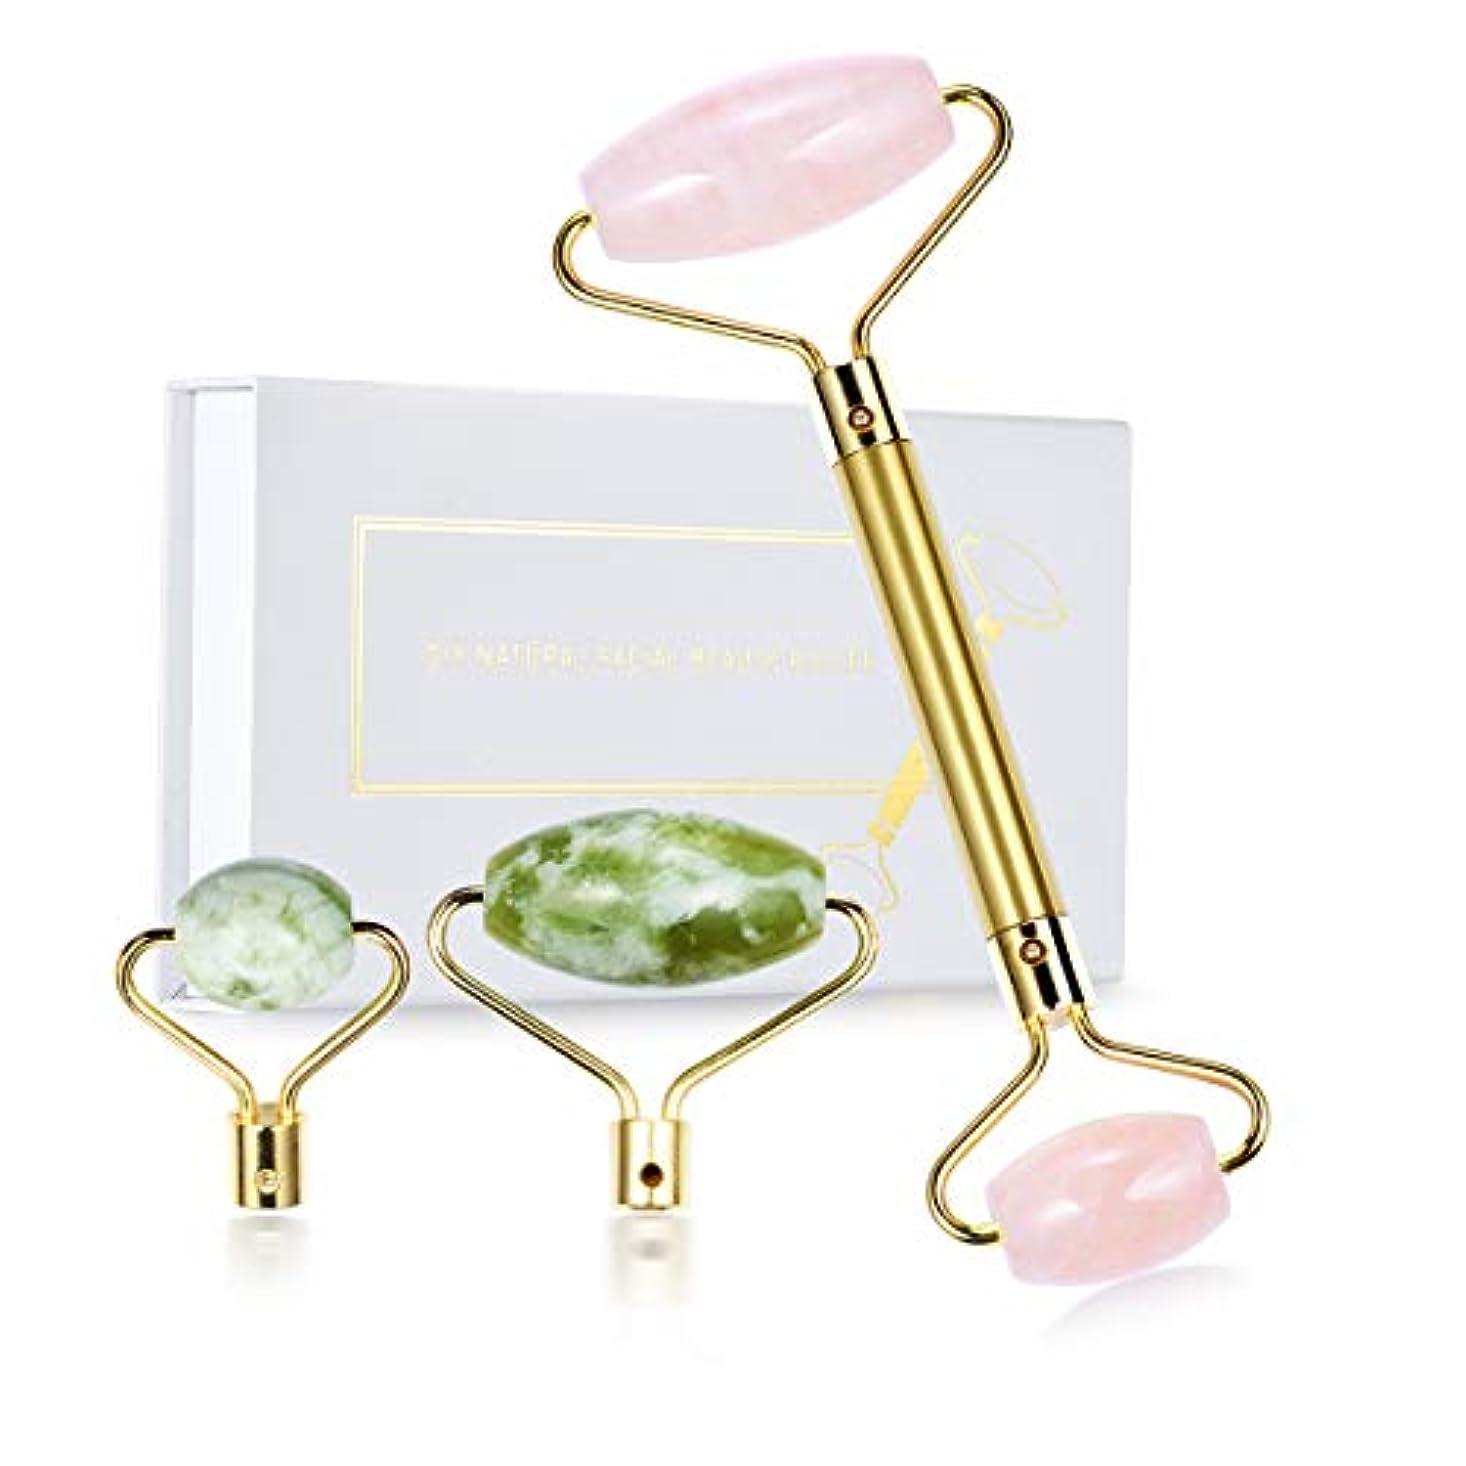 専門藤色熱望するEcho & Kern DIY組み立てローズクォーツフェイスマッサジローラー& グリーンアベンチュリンの美顔ローラーフェイスローラー 4-in-1 Natural Rose Quartz & Jade Roller Set...